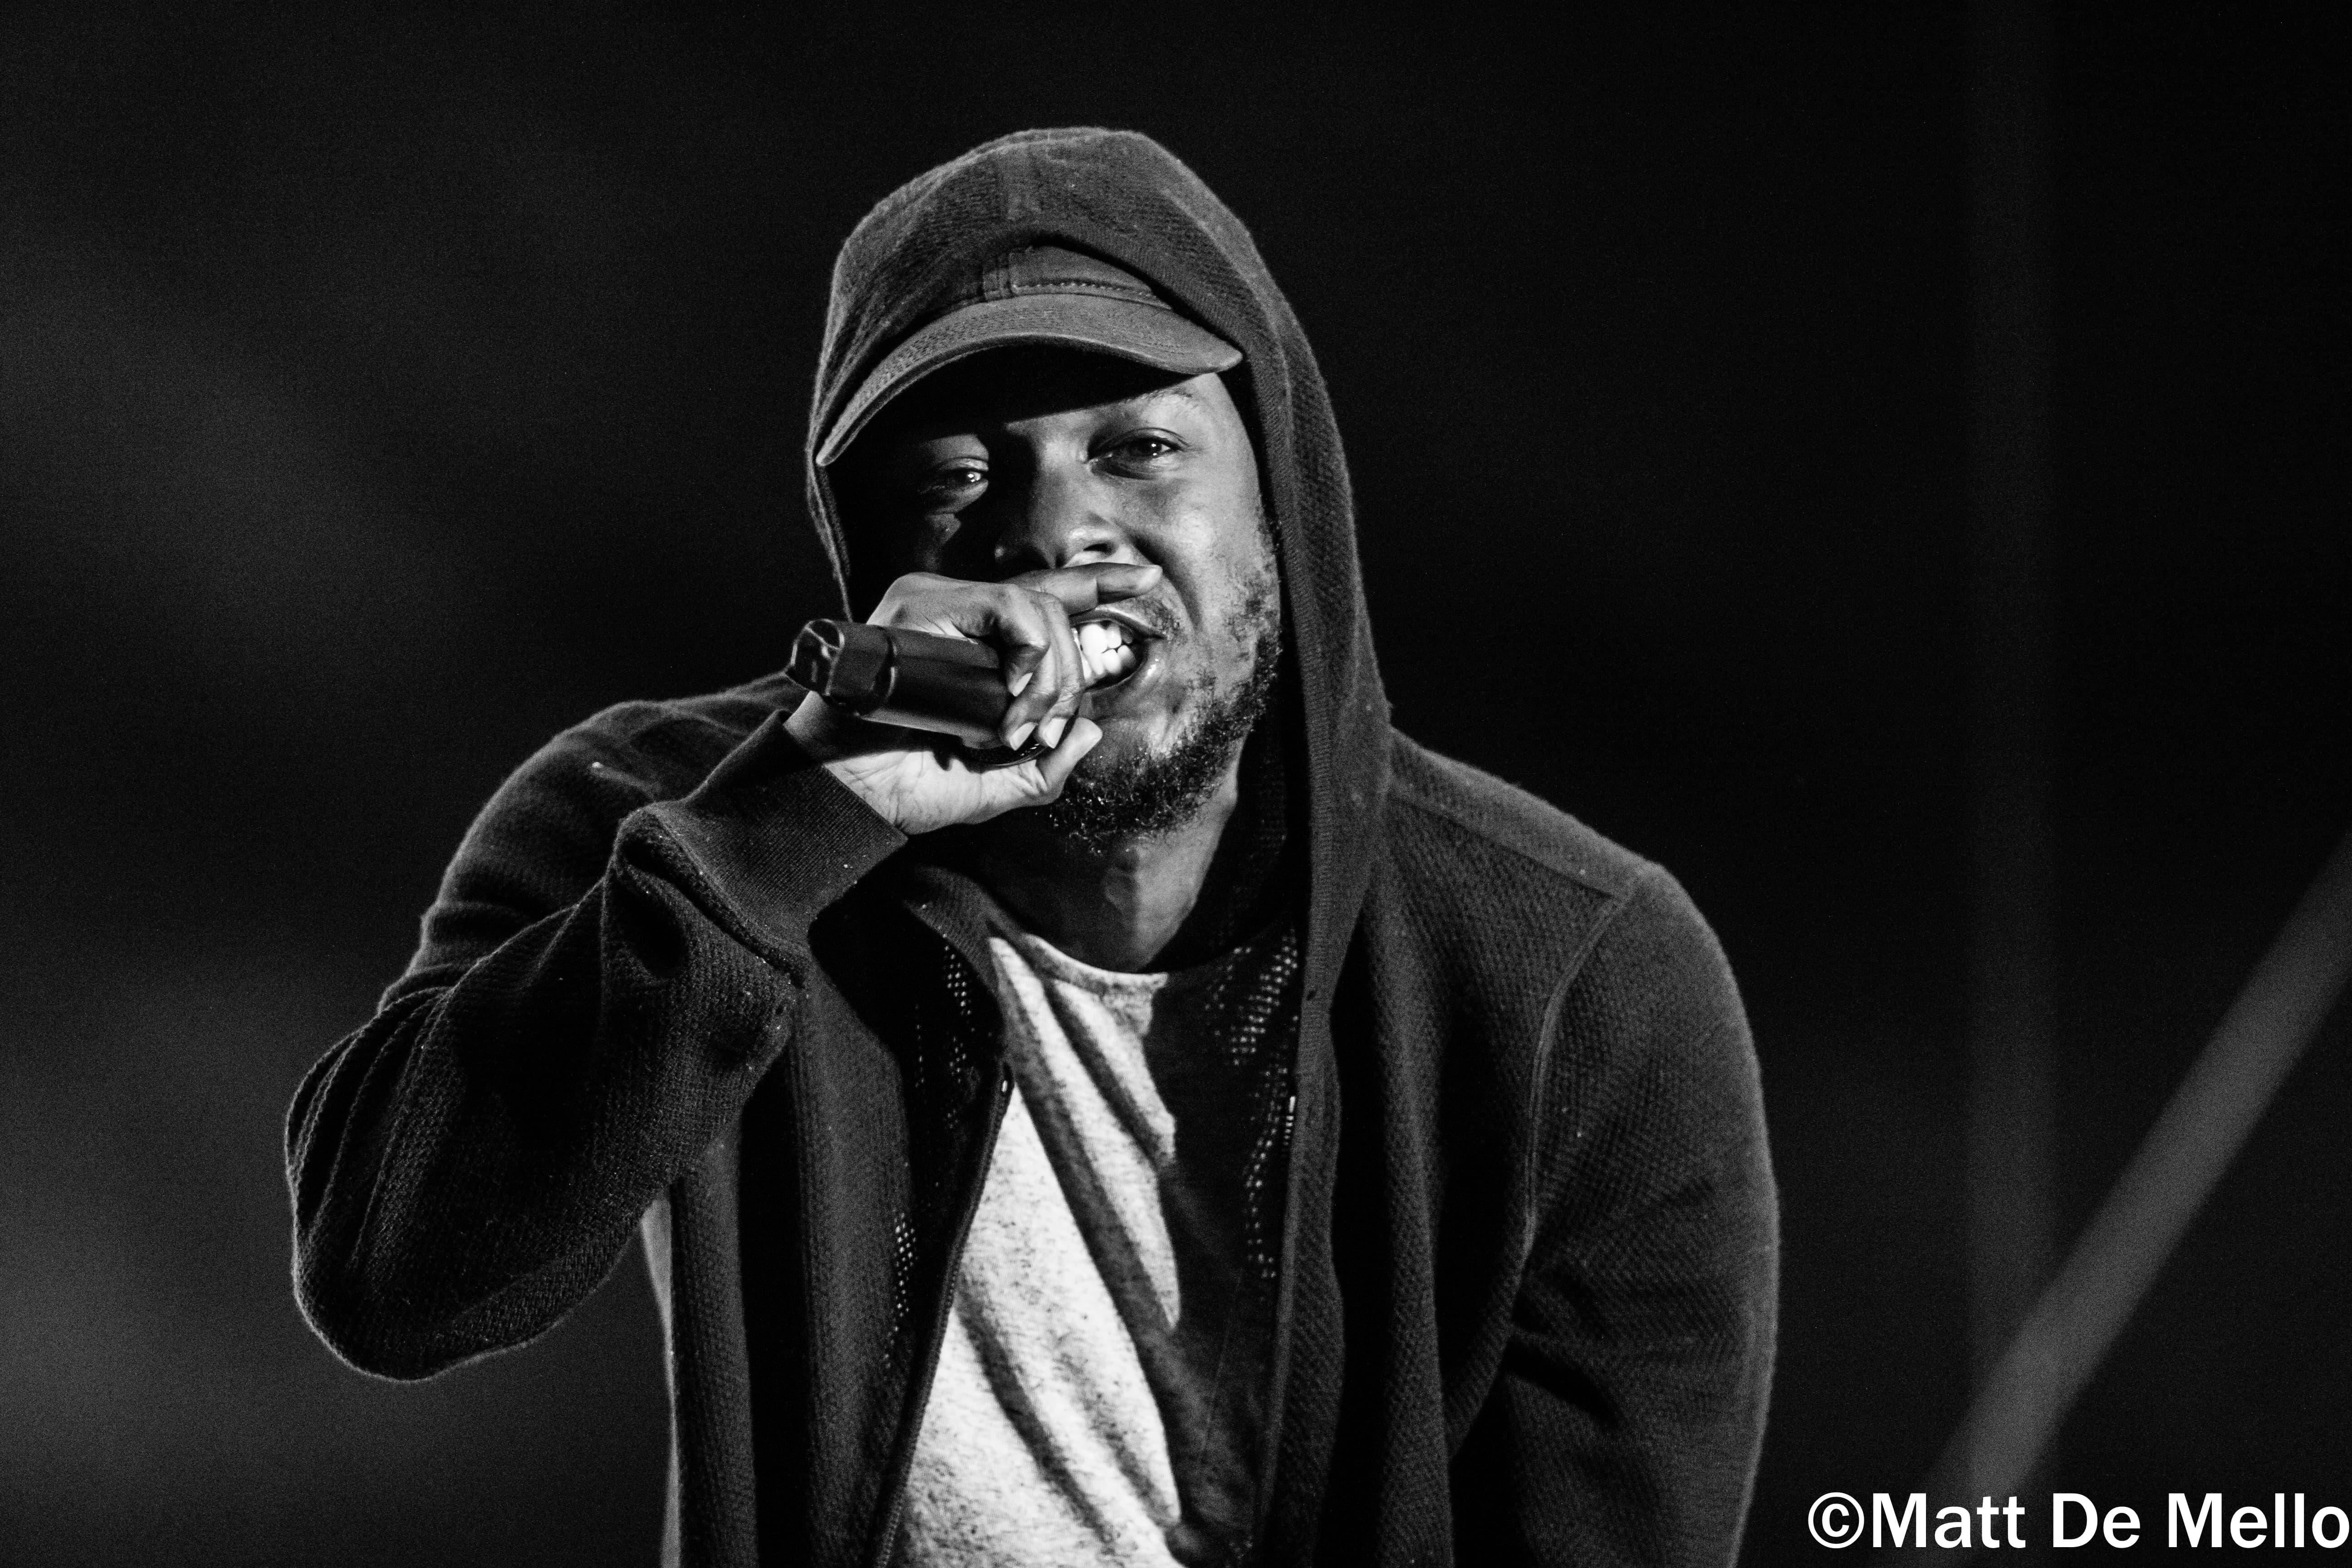 Kendrick lamar wallpaper iphone 6 -  Kendrick Lamar Wallpapers Hd Free Download Download 7 Iphone